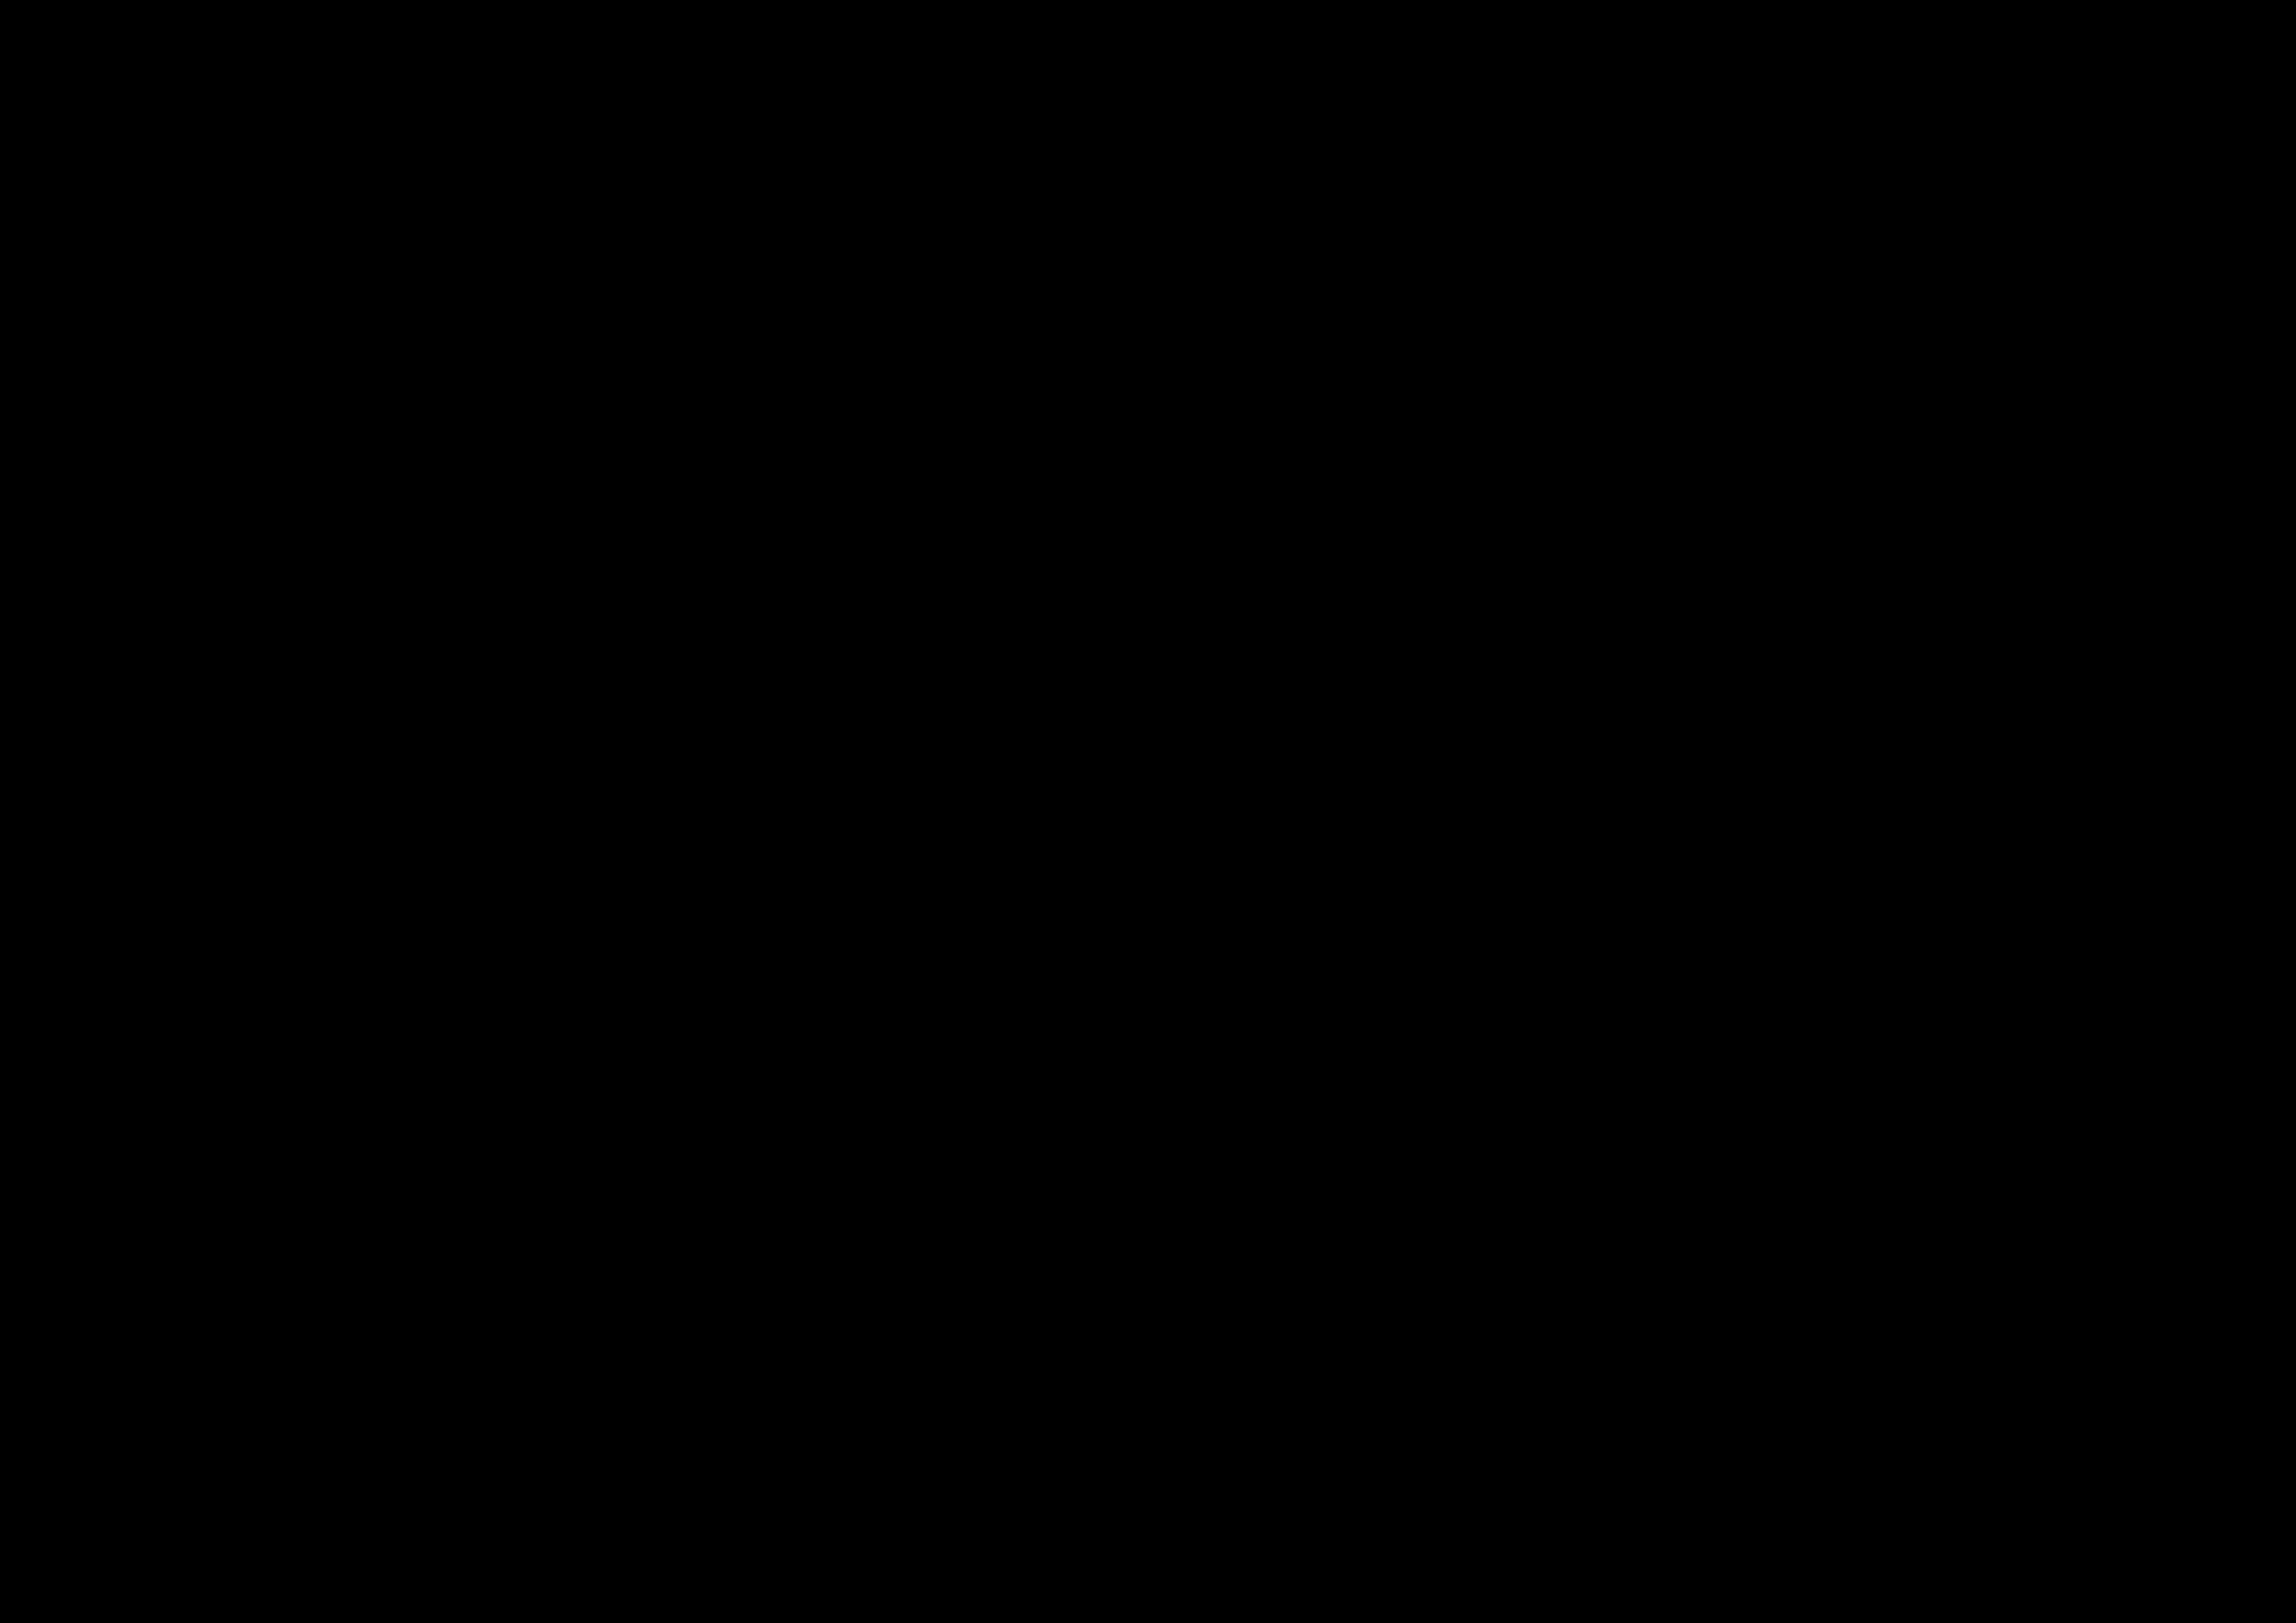 Персональный сайт Курсовые дипломные проекты по технологии  Курсовой ТМ чертежи Стакан 3d модель Стакан деталь mОП стакан moД стакан oтливка стакан eРАН ТП стакан